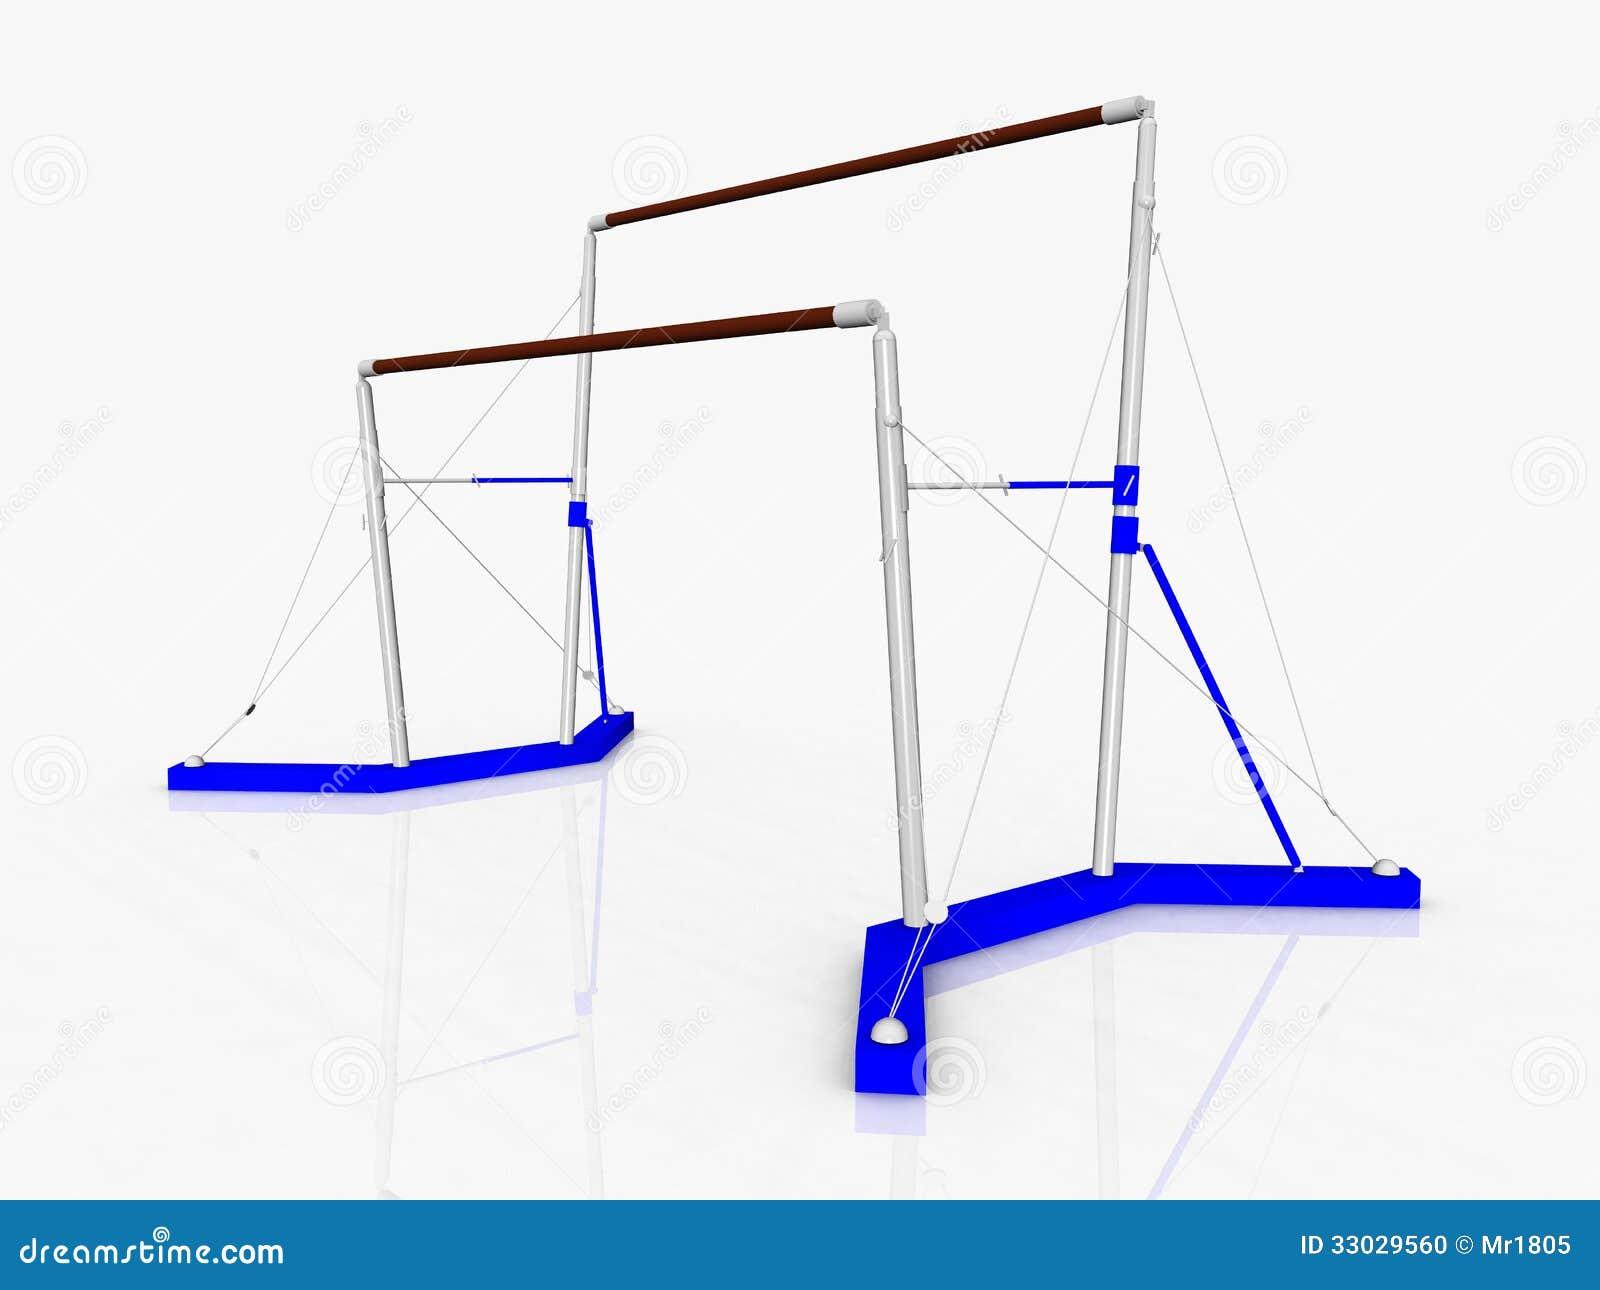 Uneven Bars Gymnastics Clip Art Uneven Bars